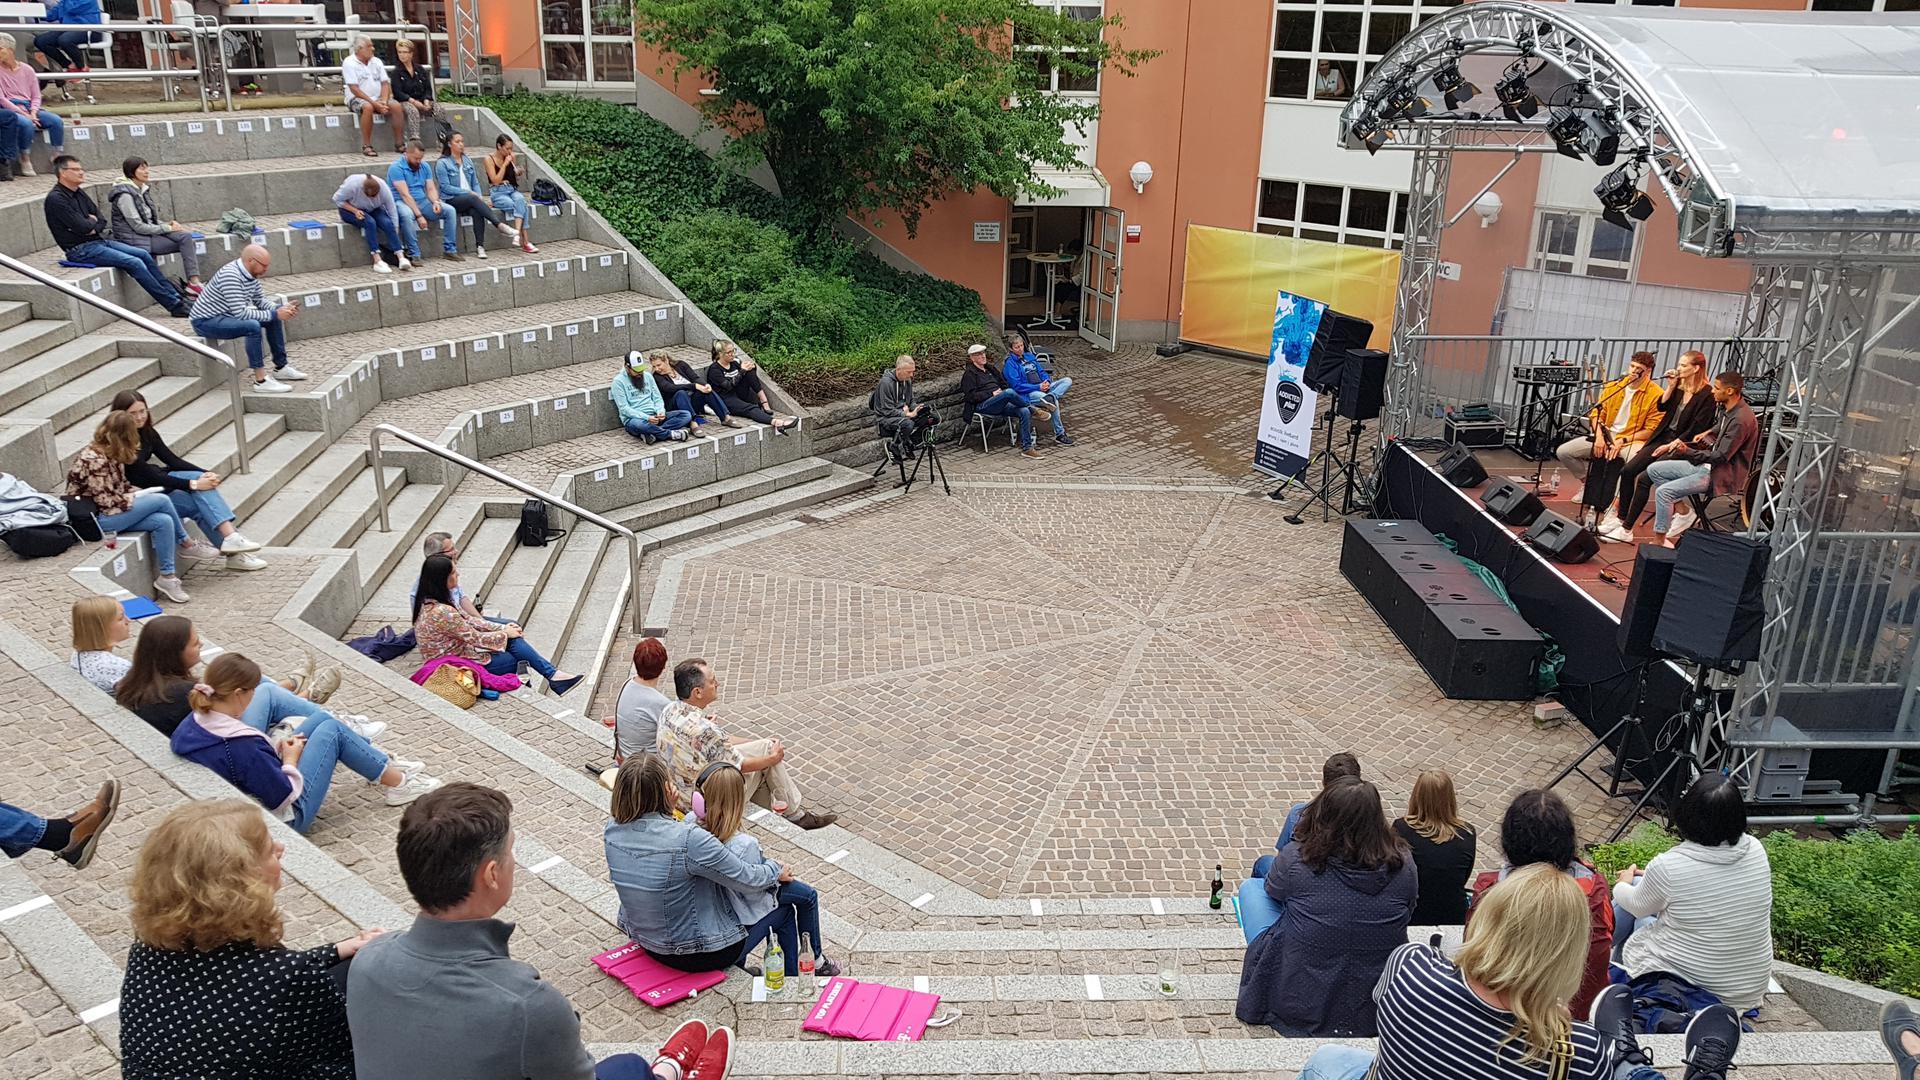 Band auf Bühnen vor Publikum im Freien.